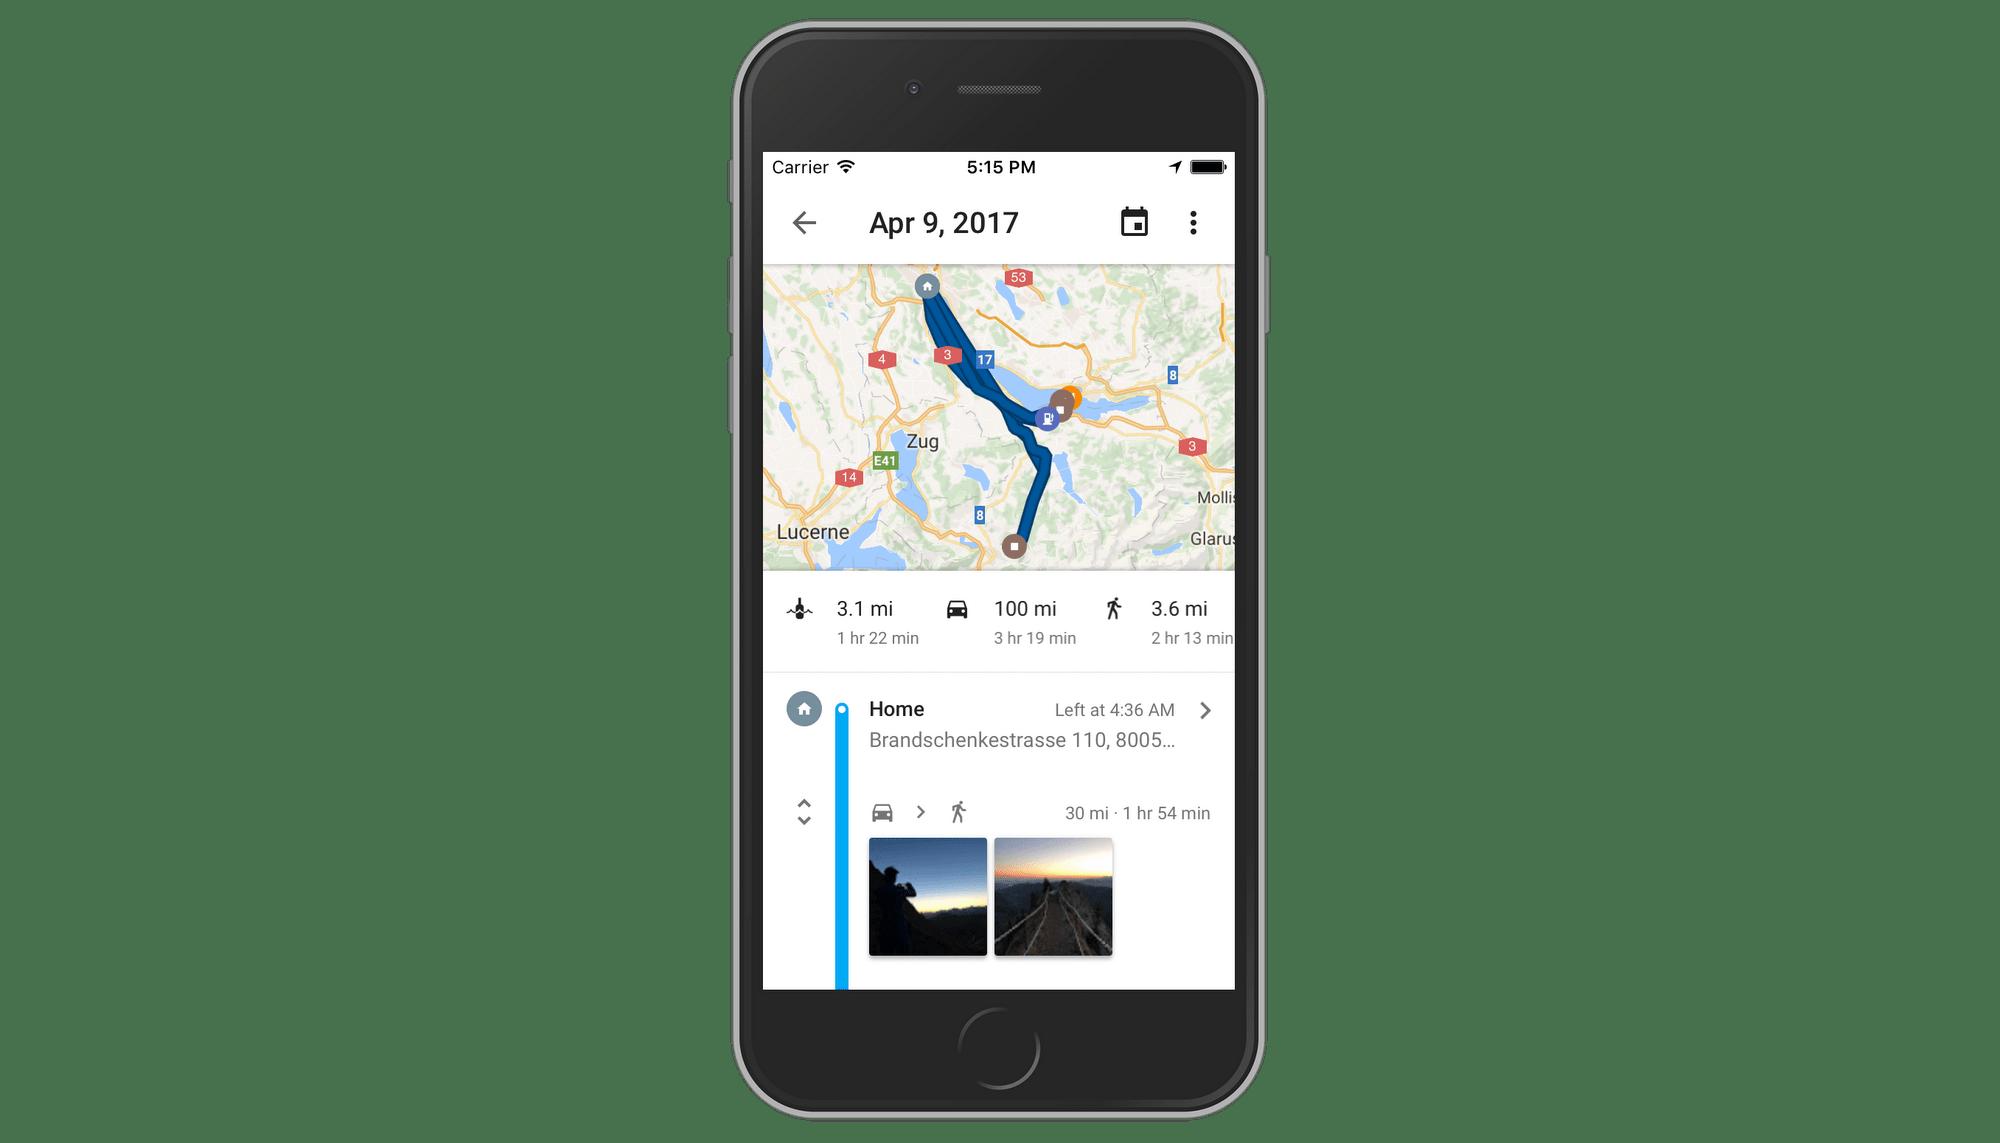 Google Location History erläutert: Wie Polizei allgemein Android-Geodaten zur Aufklärung von Straftaten einsetzt